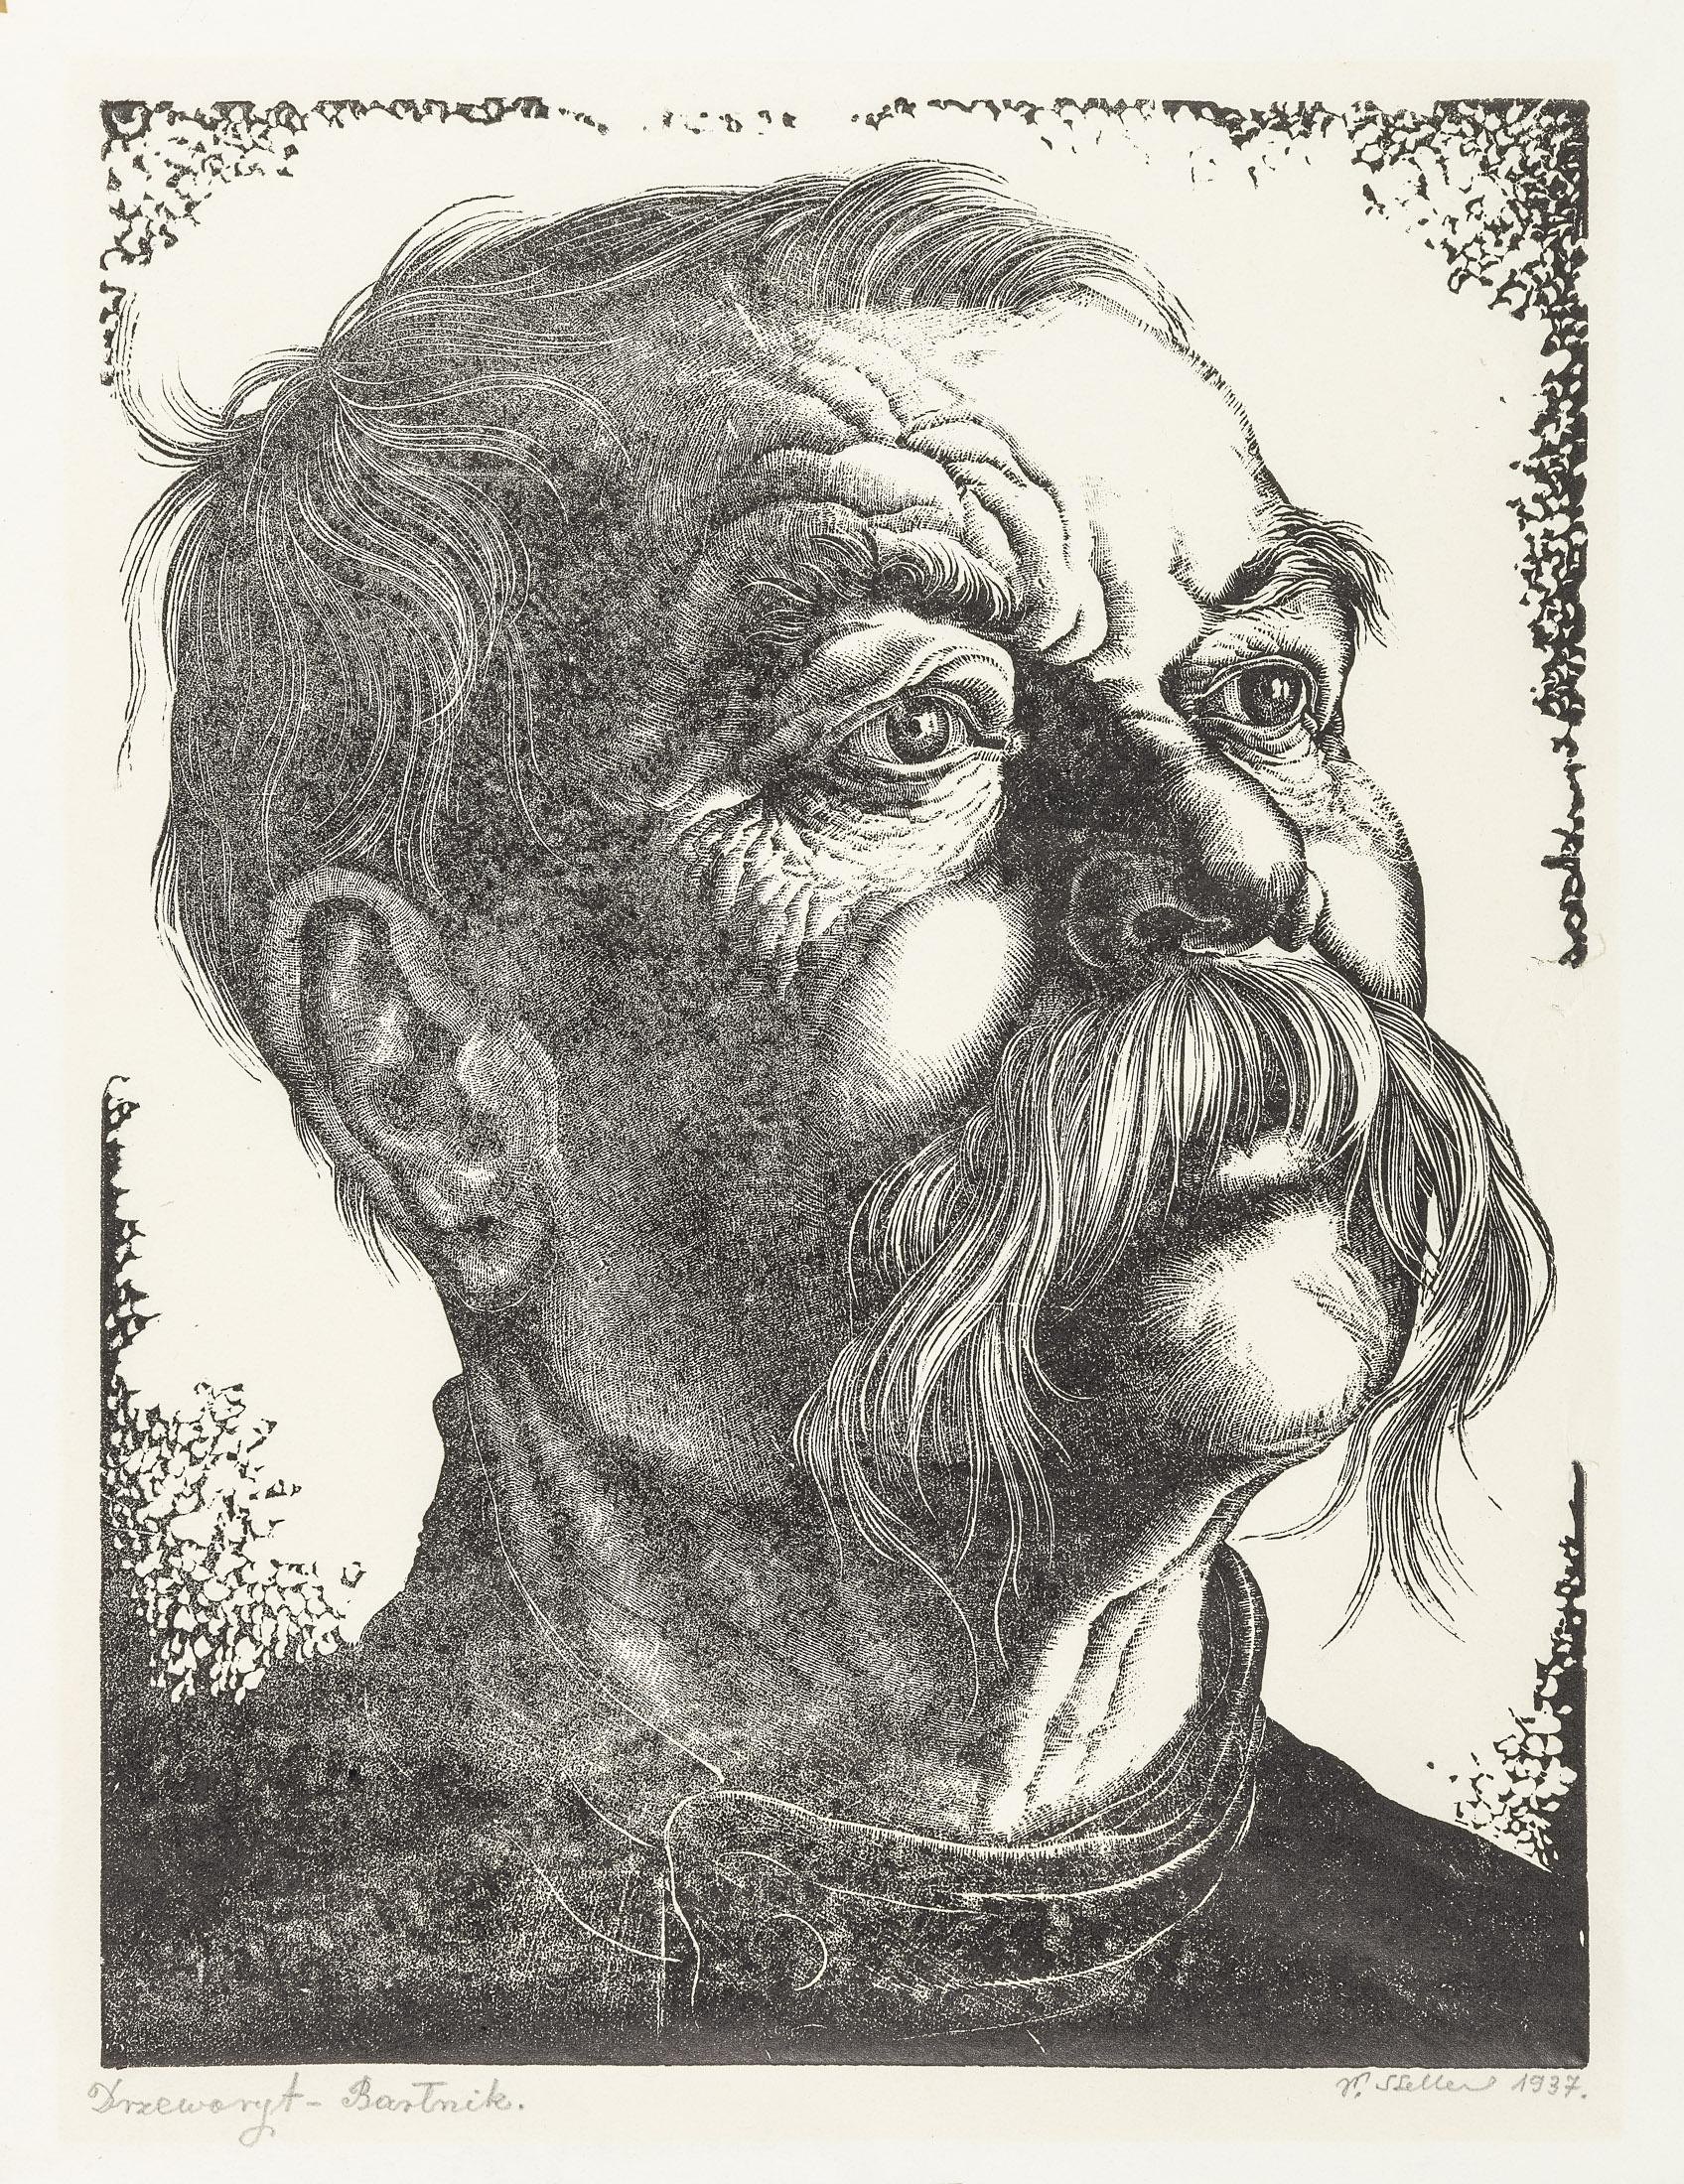 Bartnik, 1937